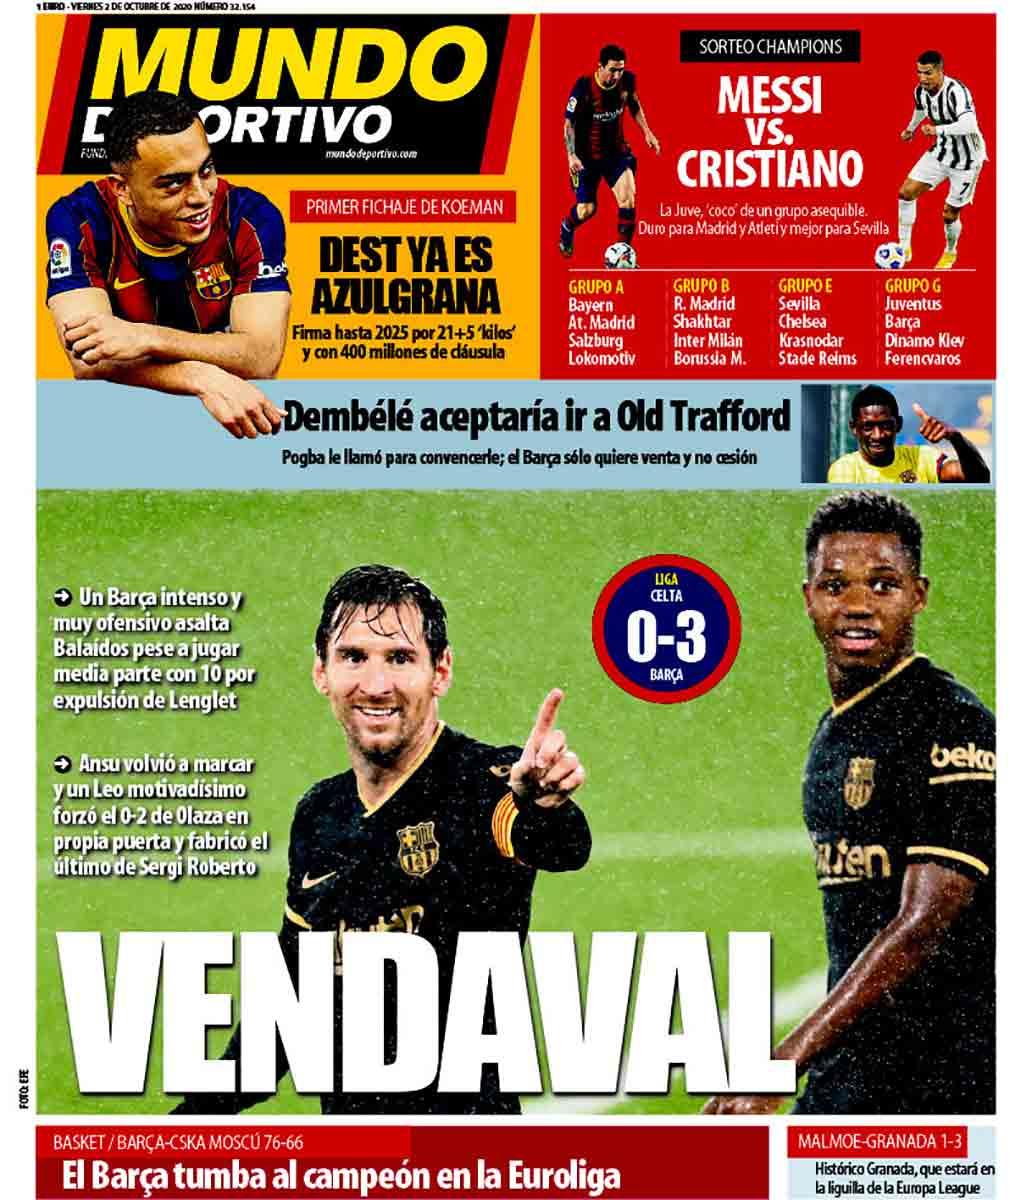 Portada Mundo Deportivo Vendaval